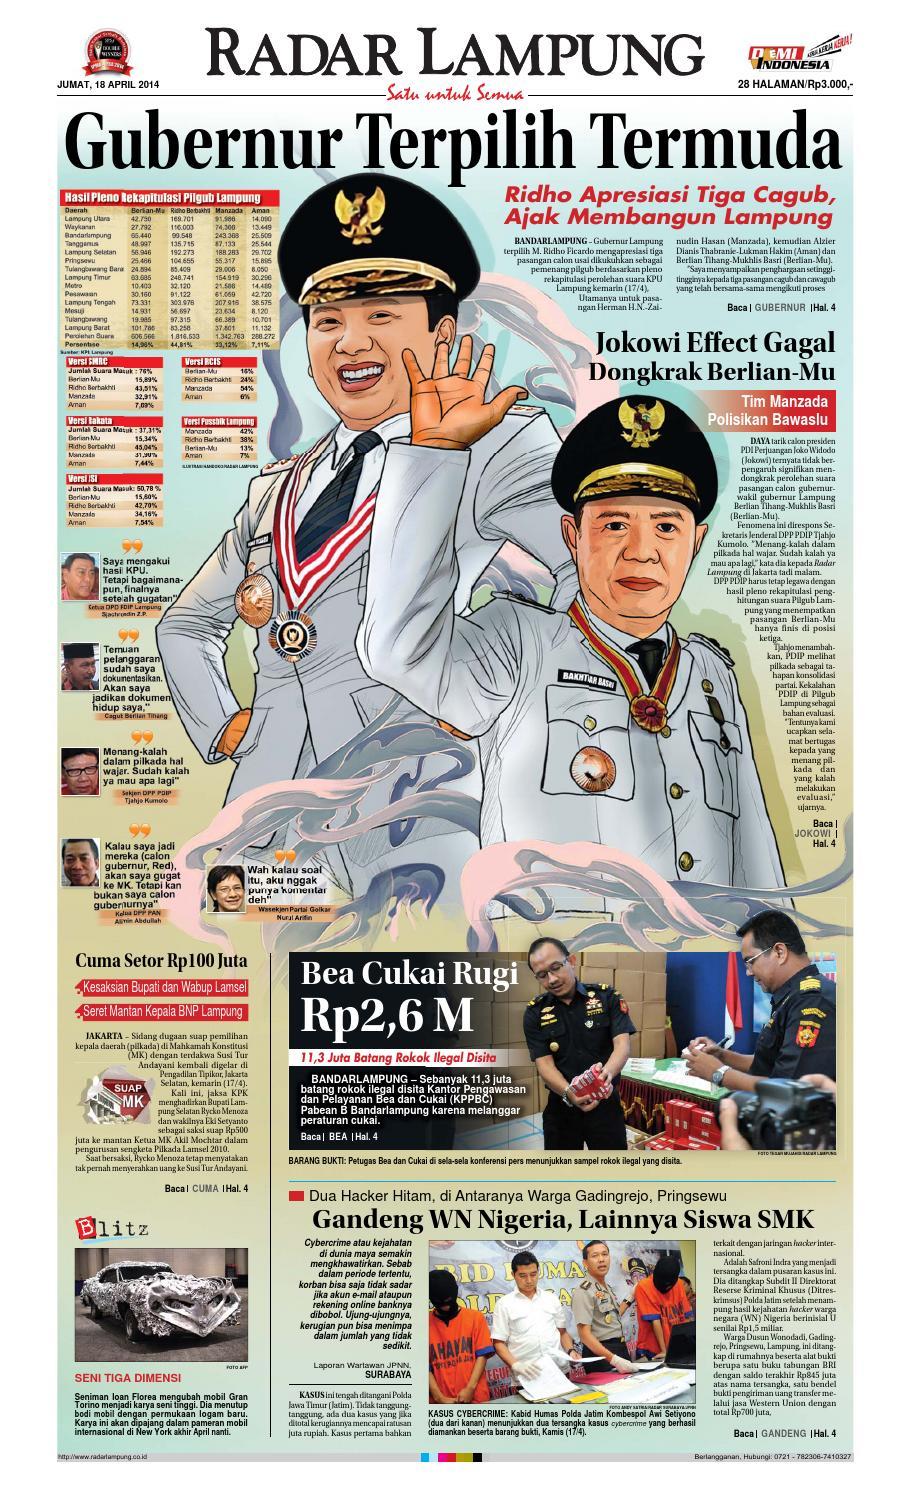 Radar Lampung Jumat 18 April 2014 By Ayep Kancee Issuu Tcash Vaganza 37 Kran Tembok Kuningan Tr 5j F